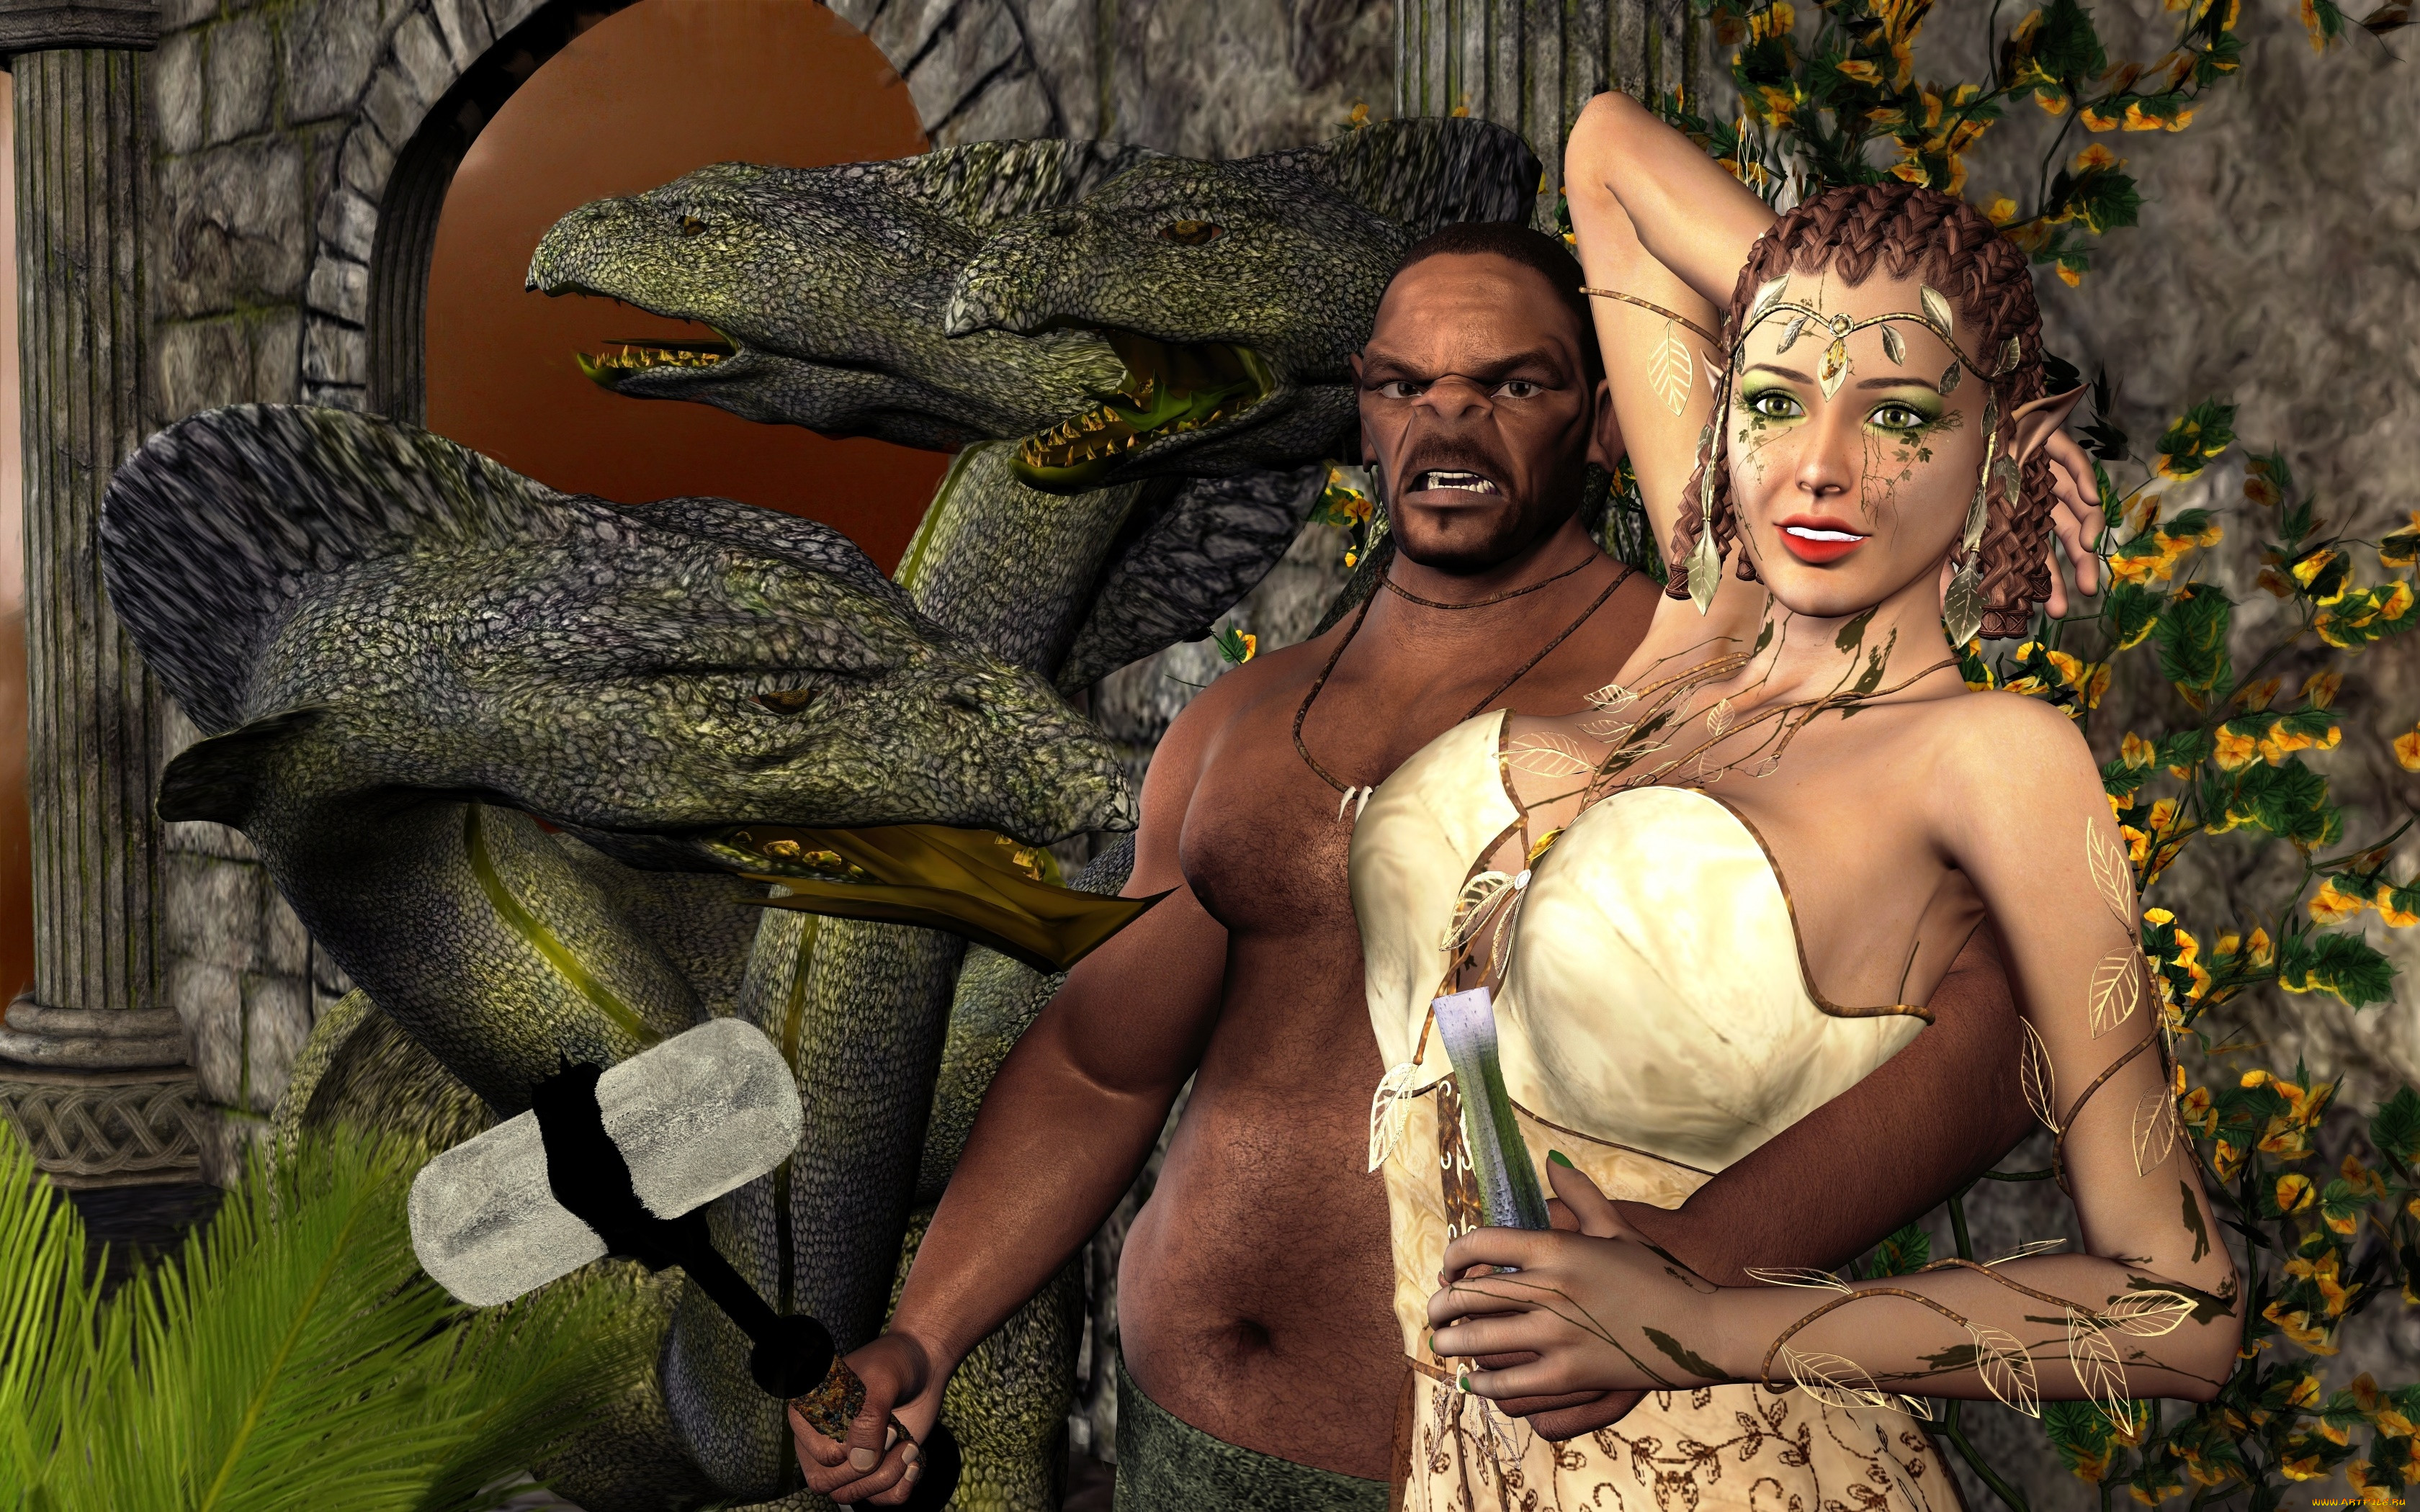 Видео из игр с сексом и монстрами интересно